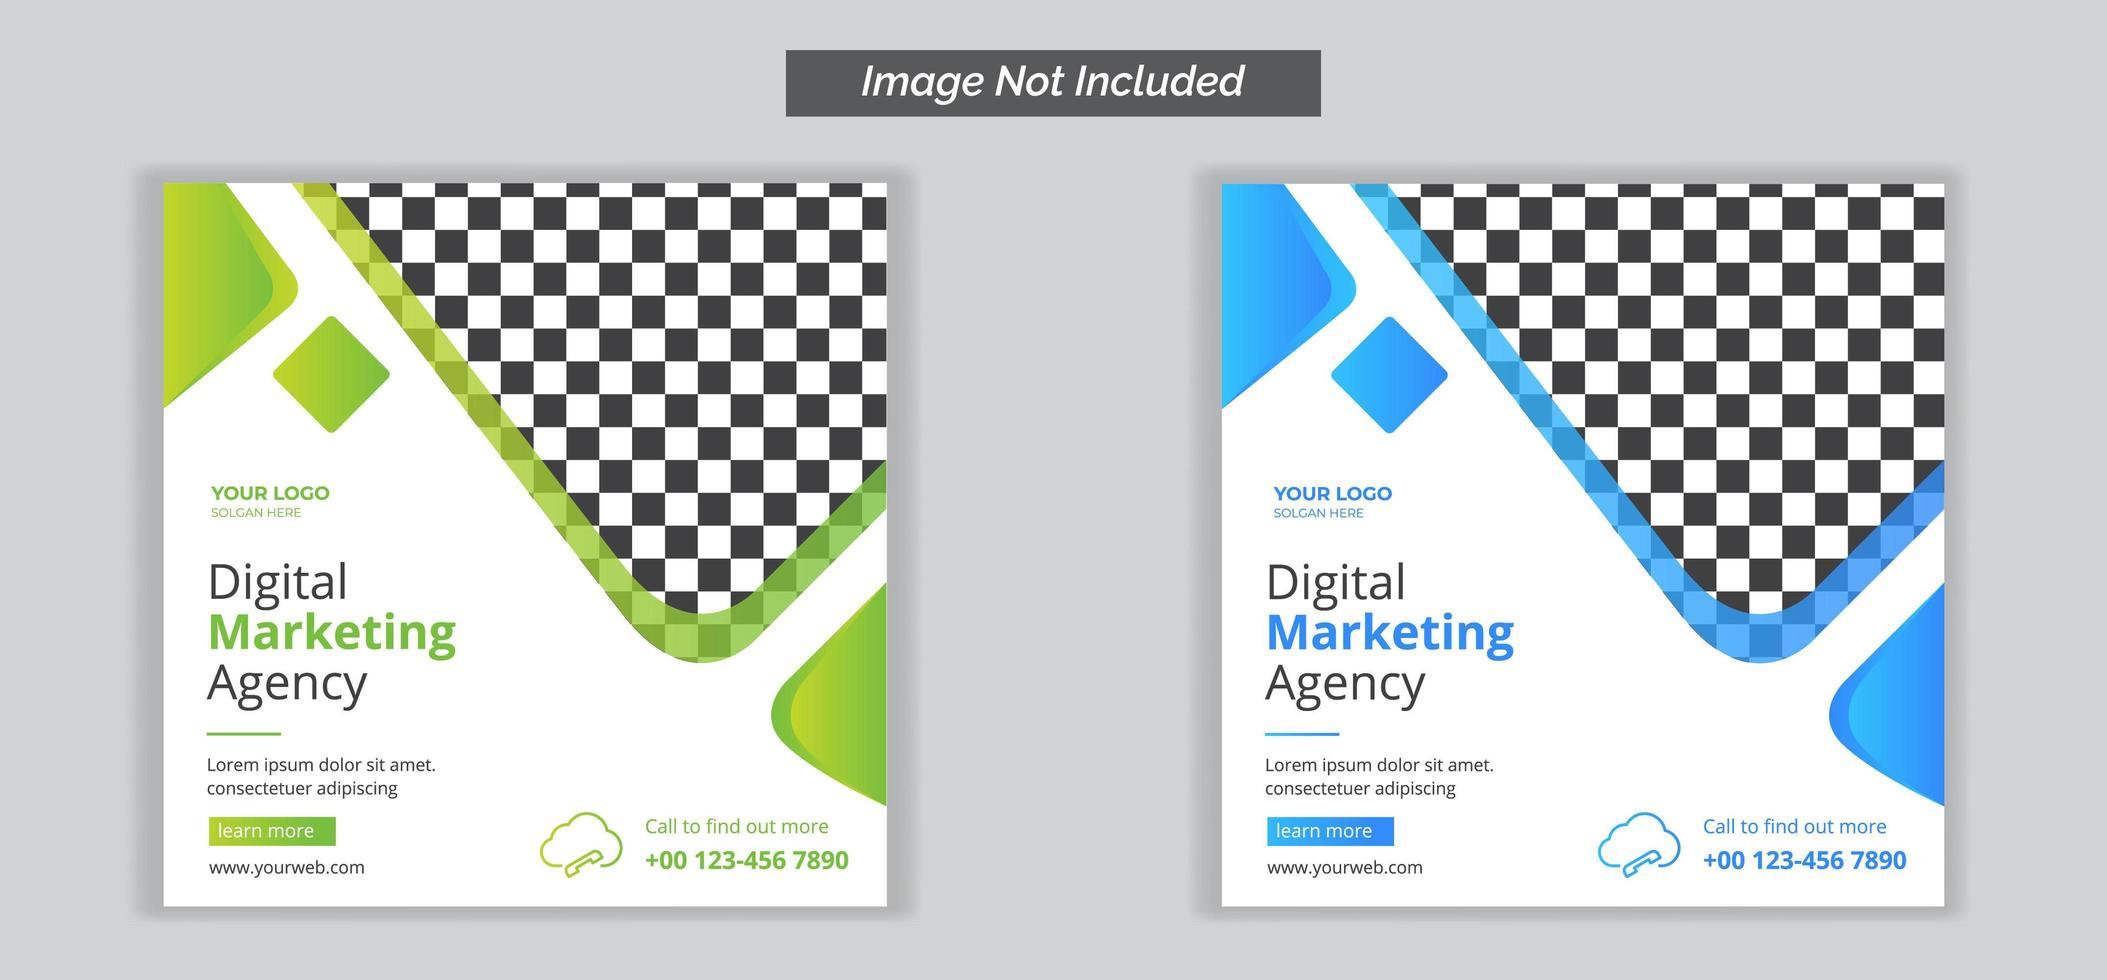 modèle de bannière de médias sociaux pour agence de marketing numérique vecteur